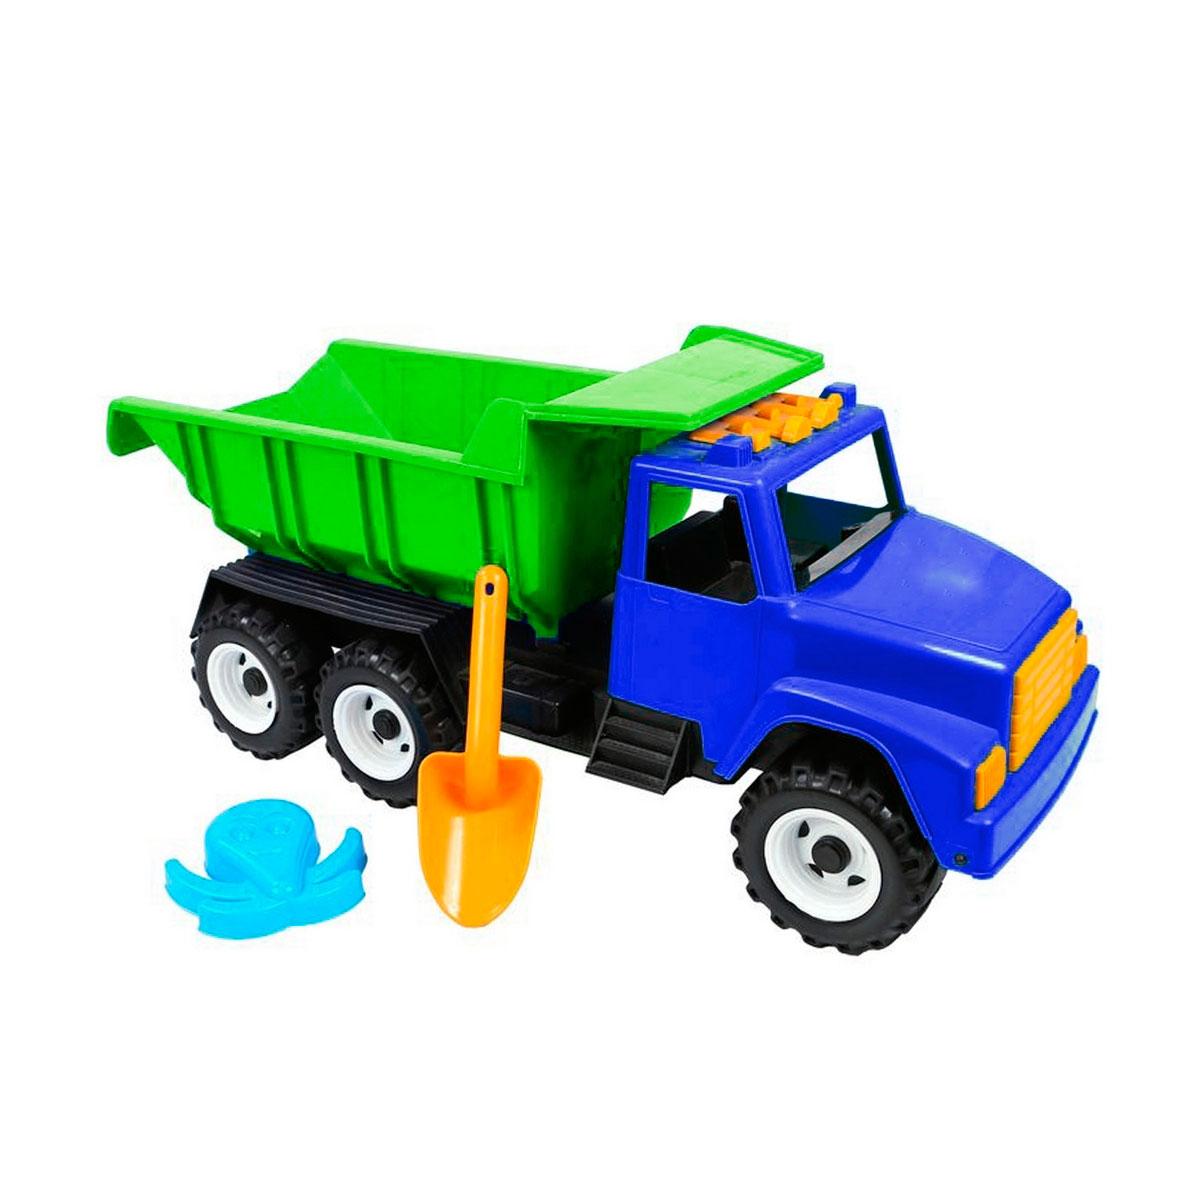 Автомобиль RT ОР184 Интер BIG Цветной лопата и пасочка Синий с зеленым<br>